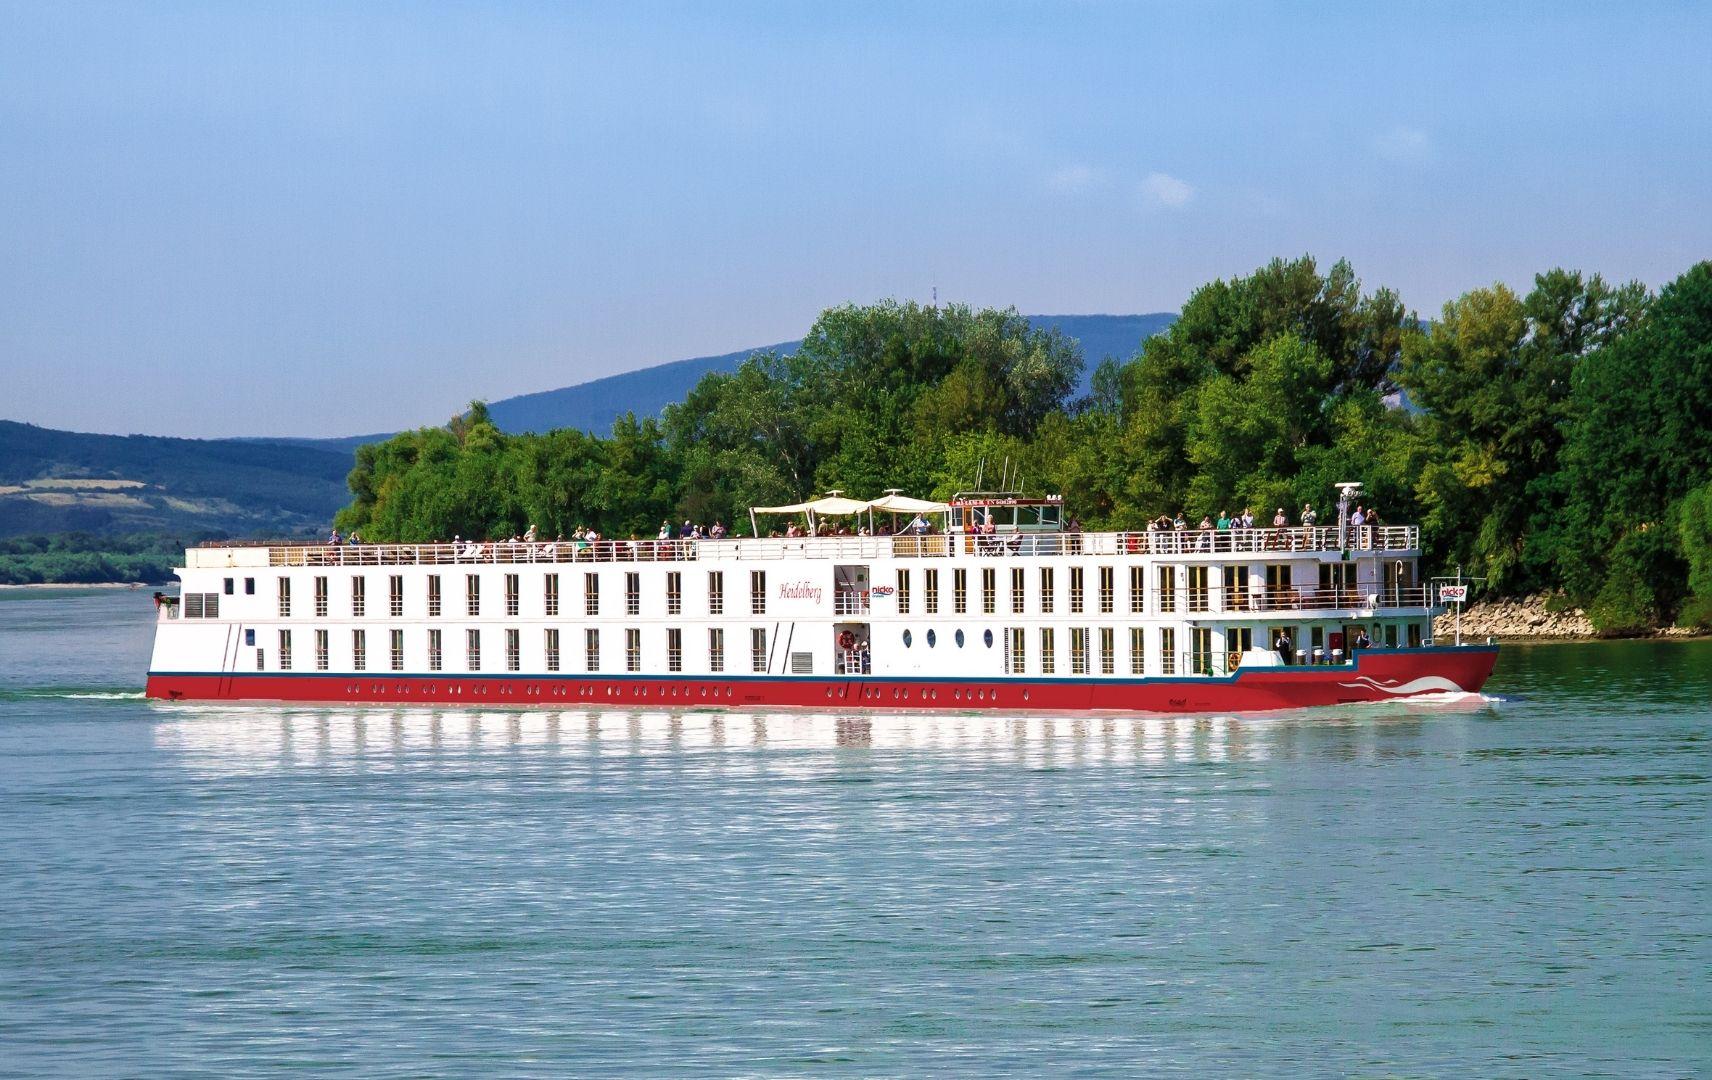 Schiff auf dem Fluss und Passagieren an Bord